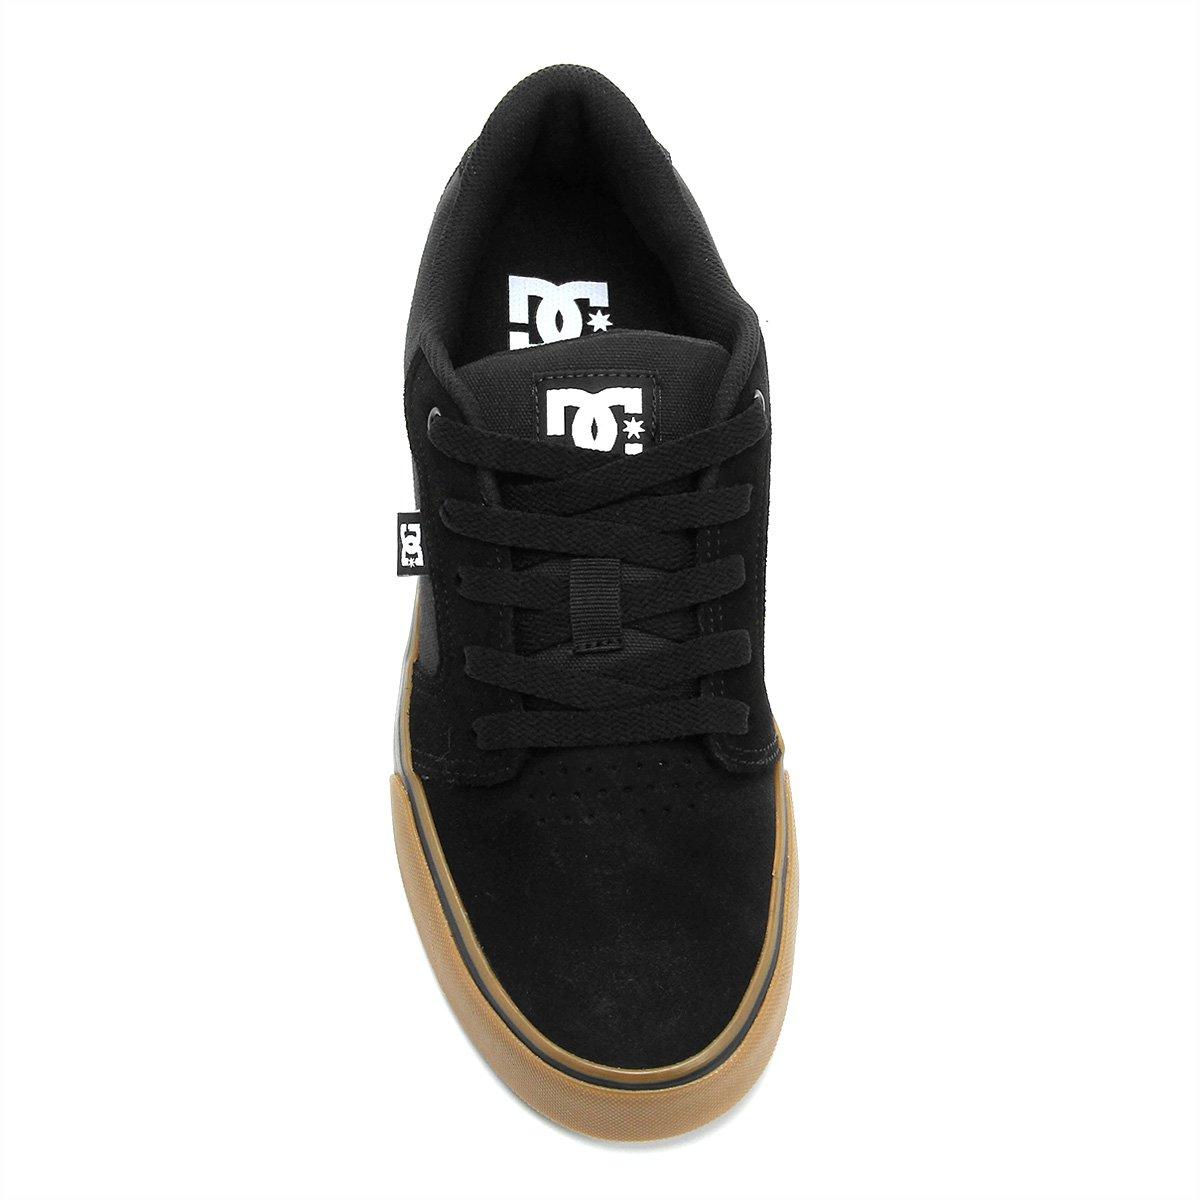 Tênis DC Shoes Anvil La Masculino - Preto e Caramelo - Compre Agora ... b1175fd5b2824